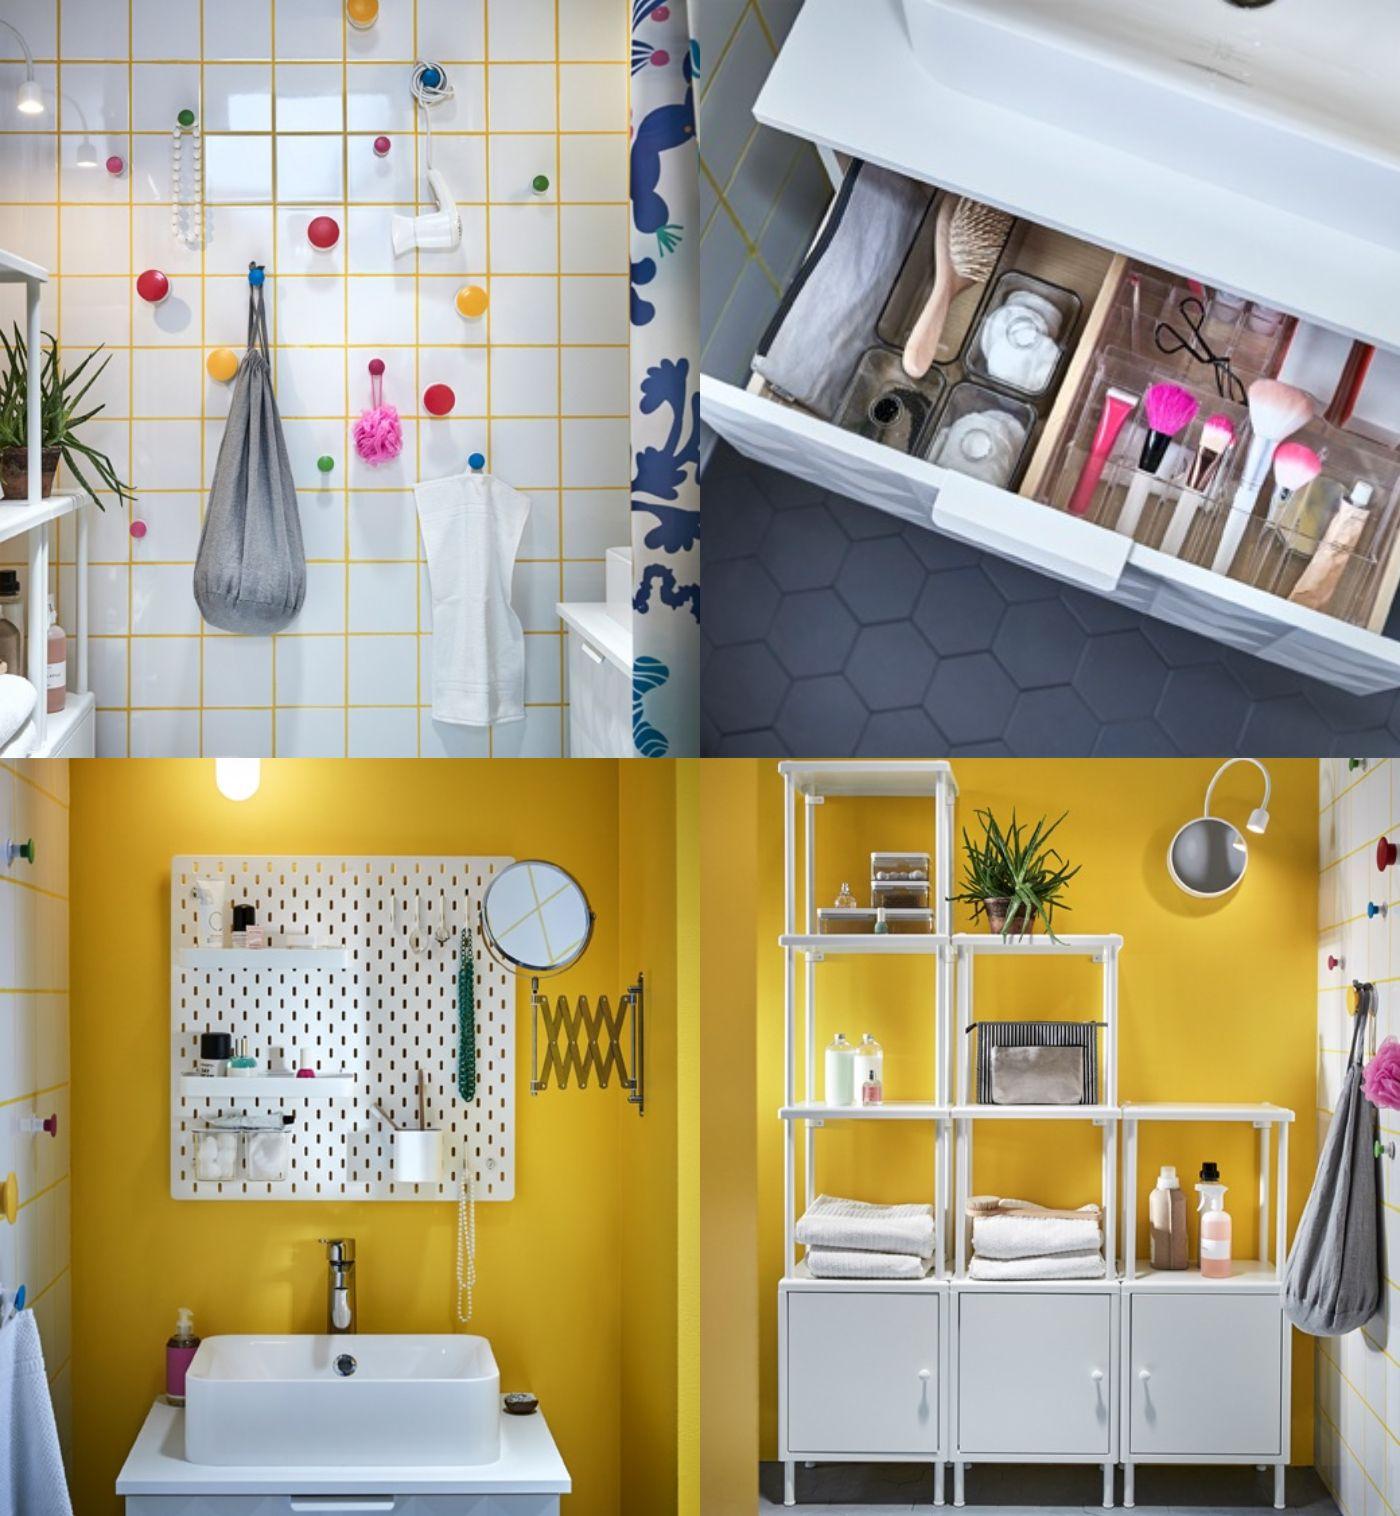 Ikea Badezimmer Praktisch Einrichten Ideen Fur Ordnung Im Badschrank Tipps Zur Organisation Home Decor Changing Table Furniture